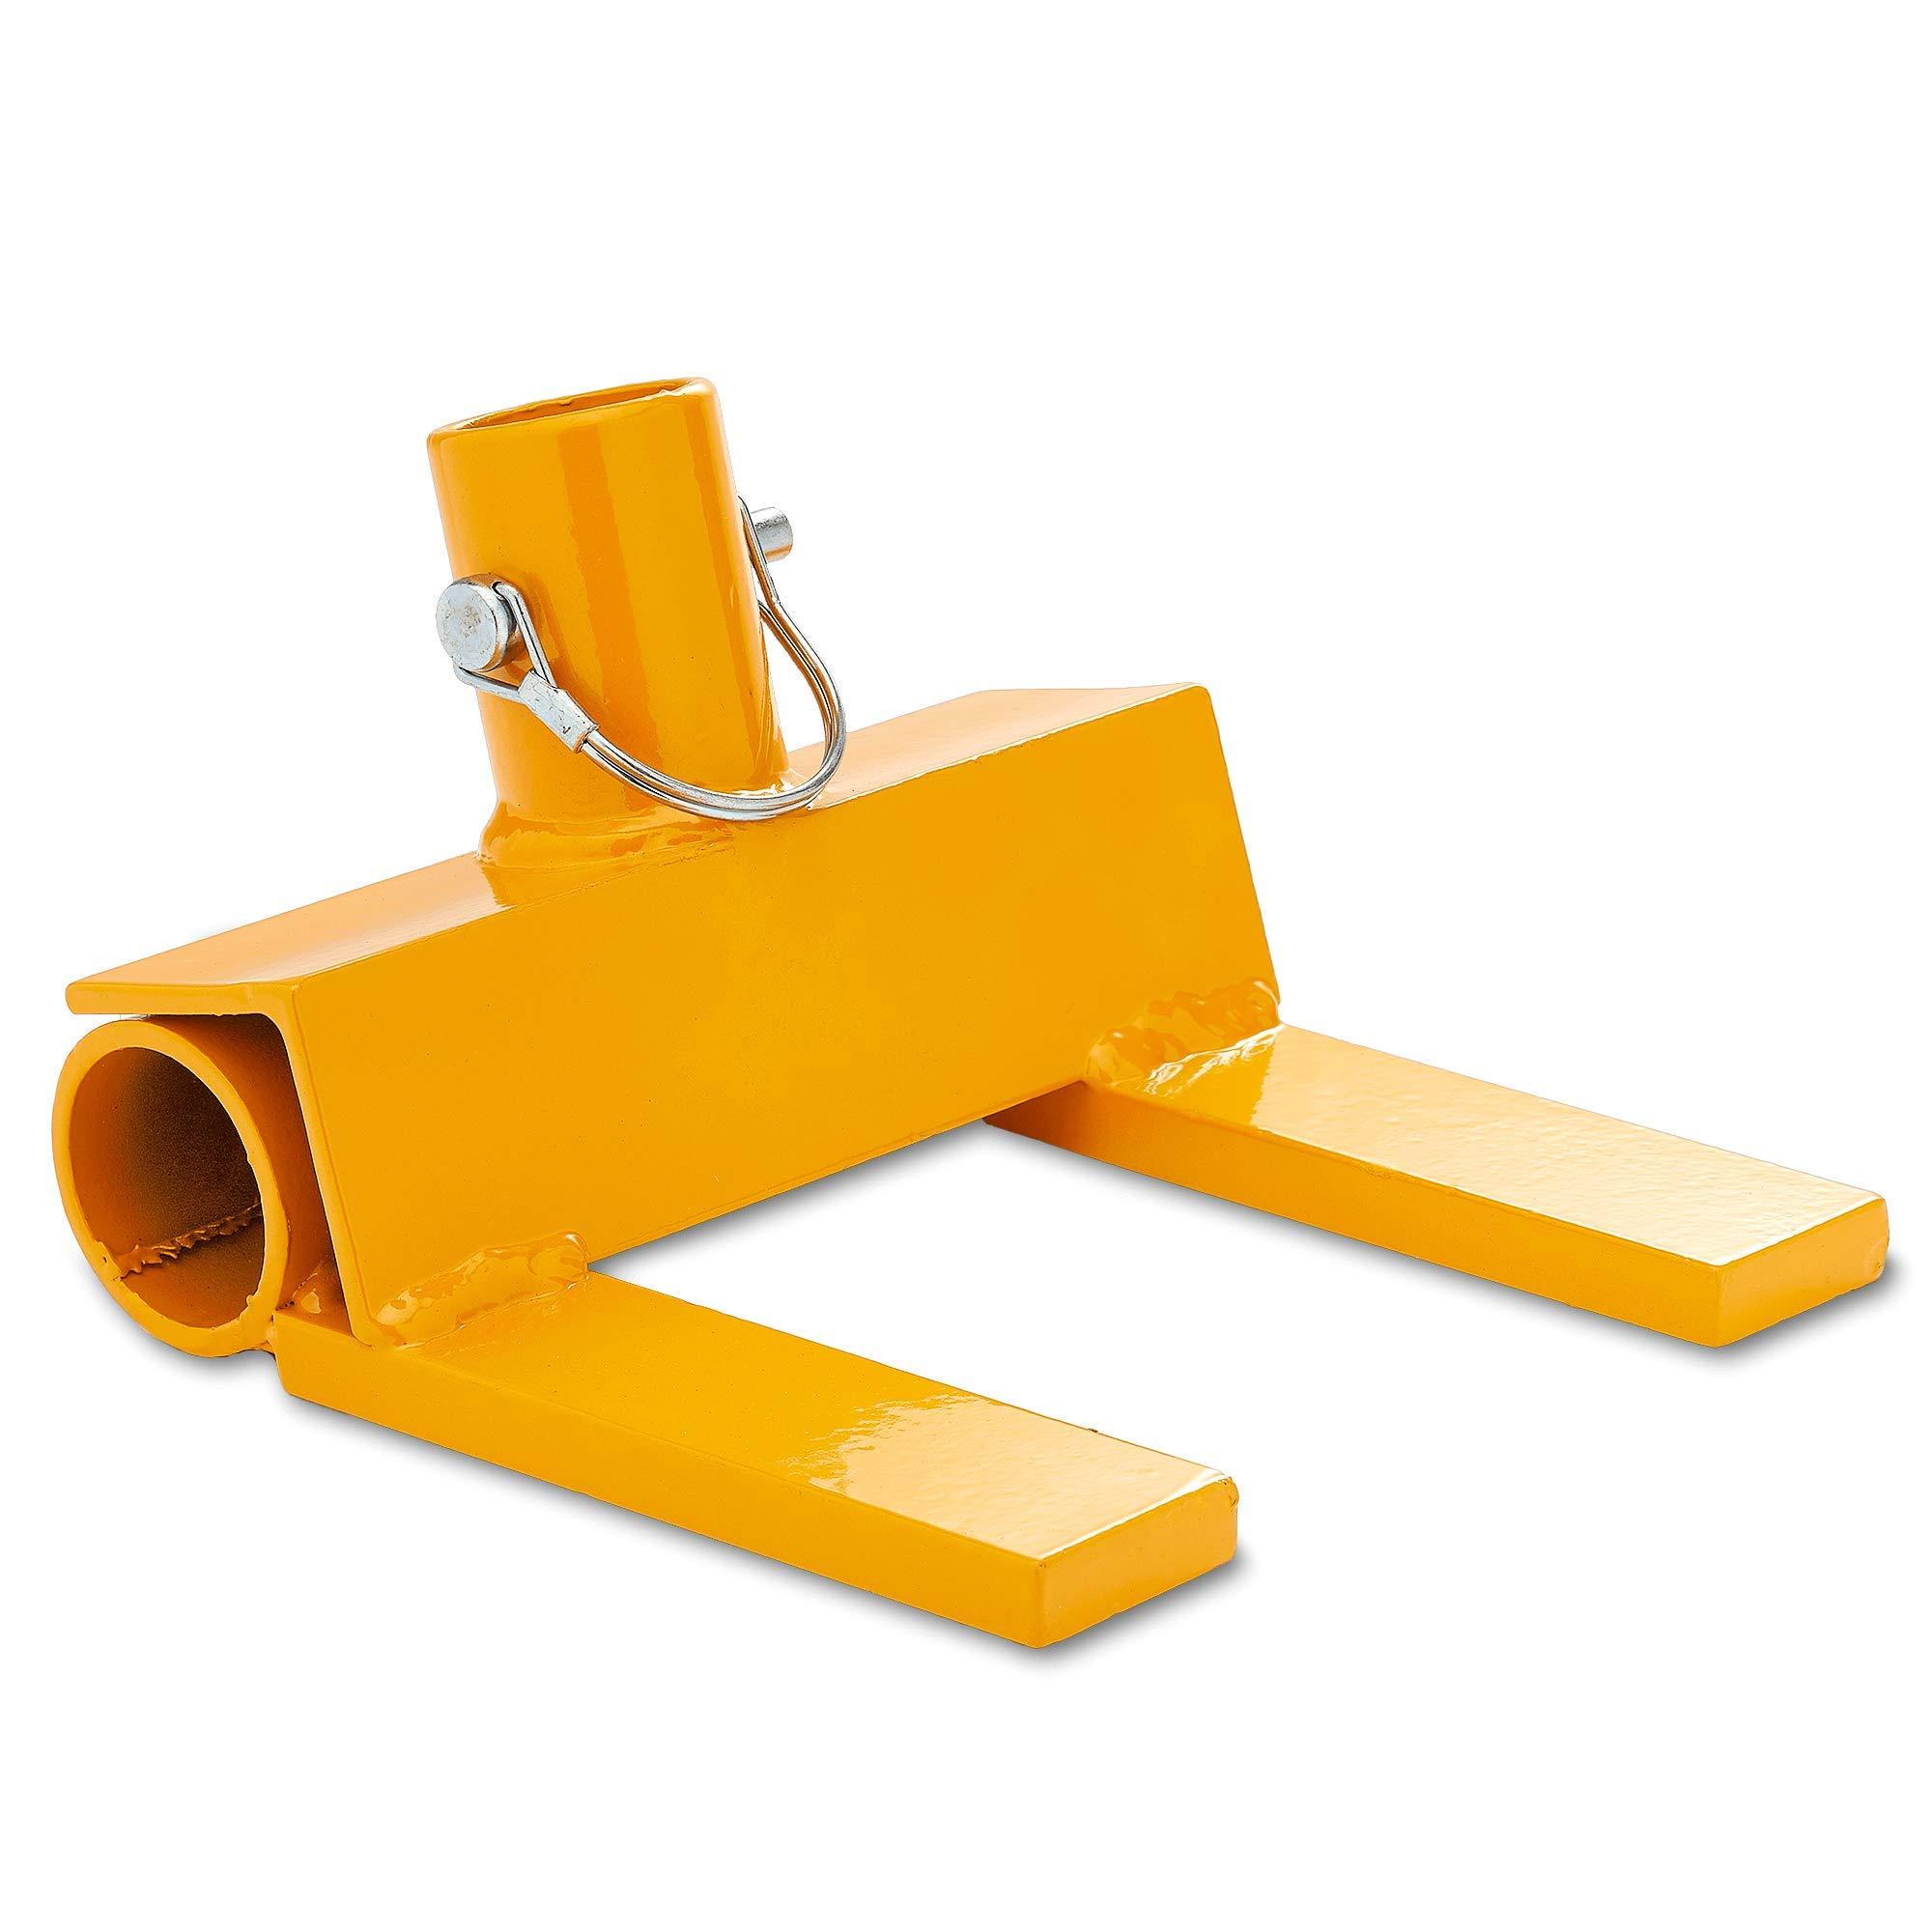 Pallet Buster Deck Wrecker Wrecking